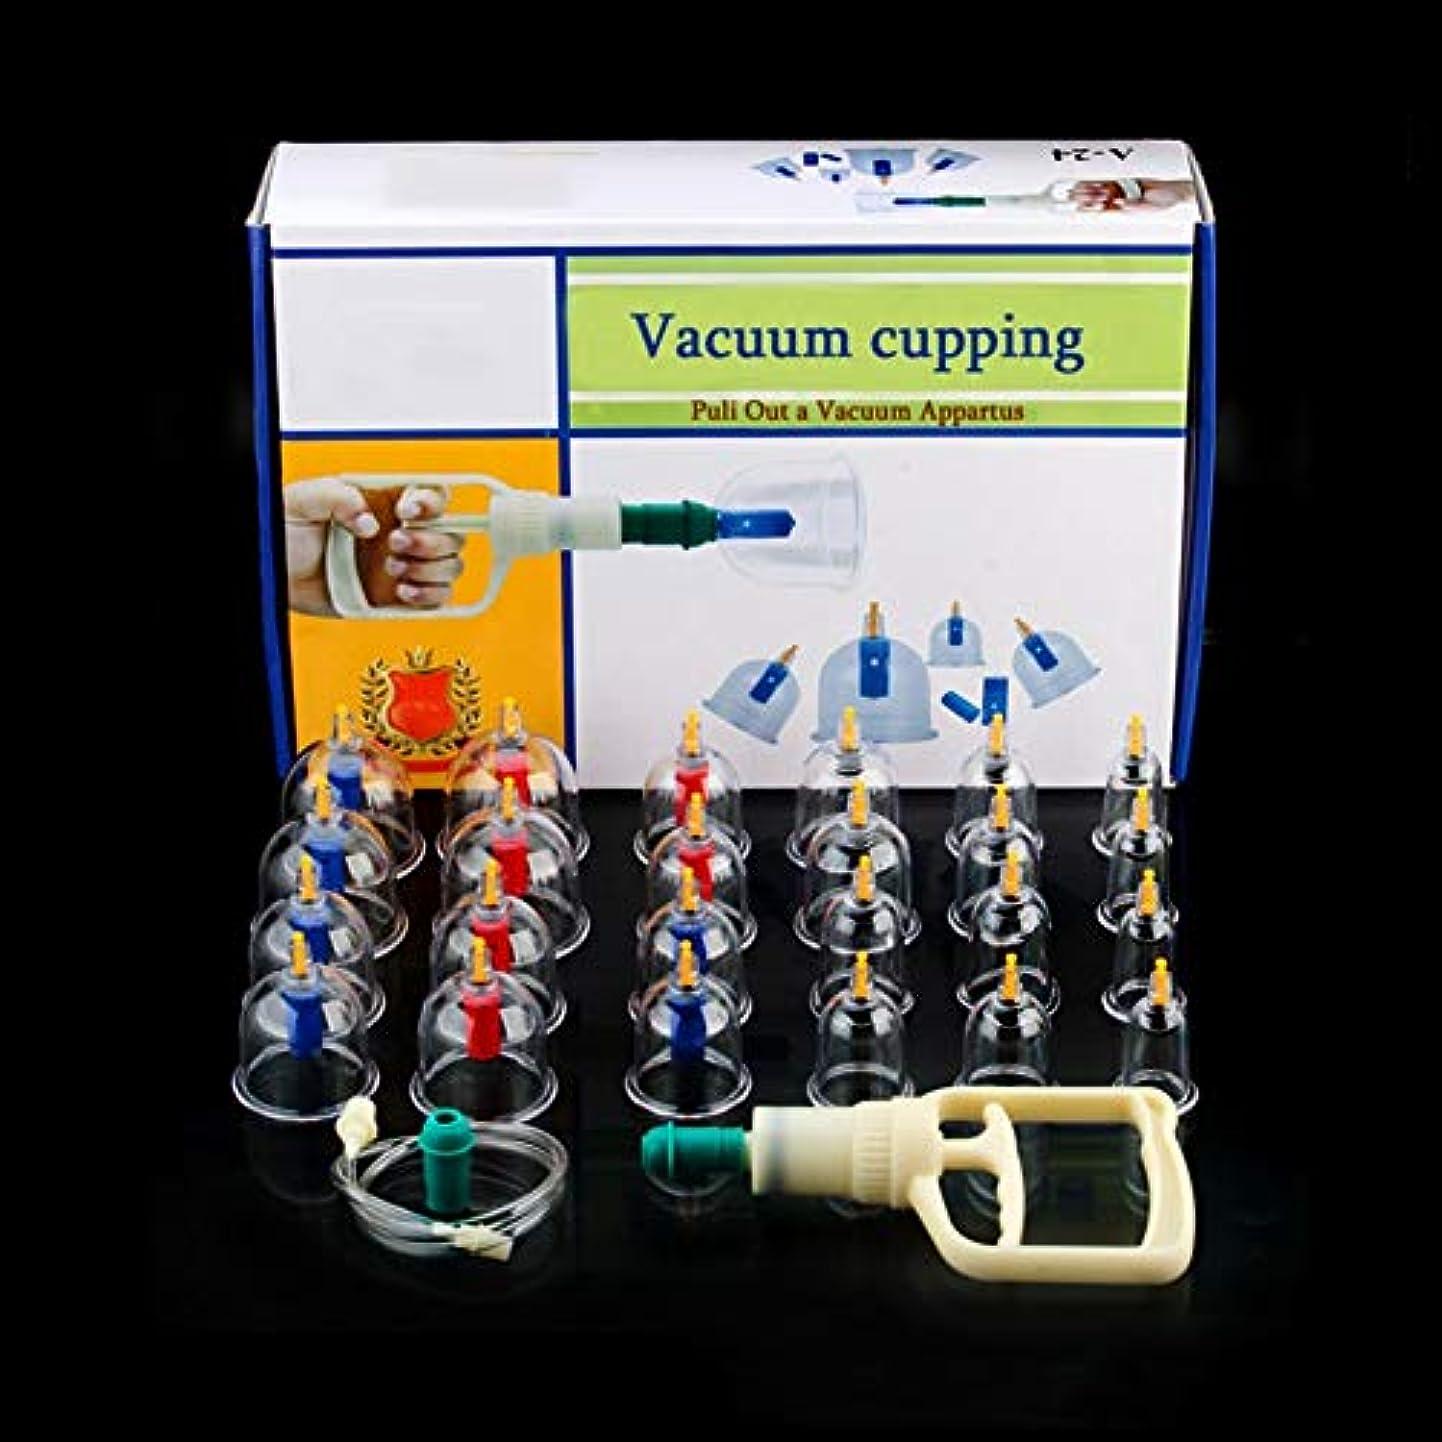 微視的丘狐カッピング セット プハン治療 カッピングポンプ 吸引器カッピング用カップ、シリコン、筋肉、関節痛、セルライト用真空吸引(24pcs)